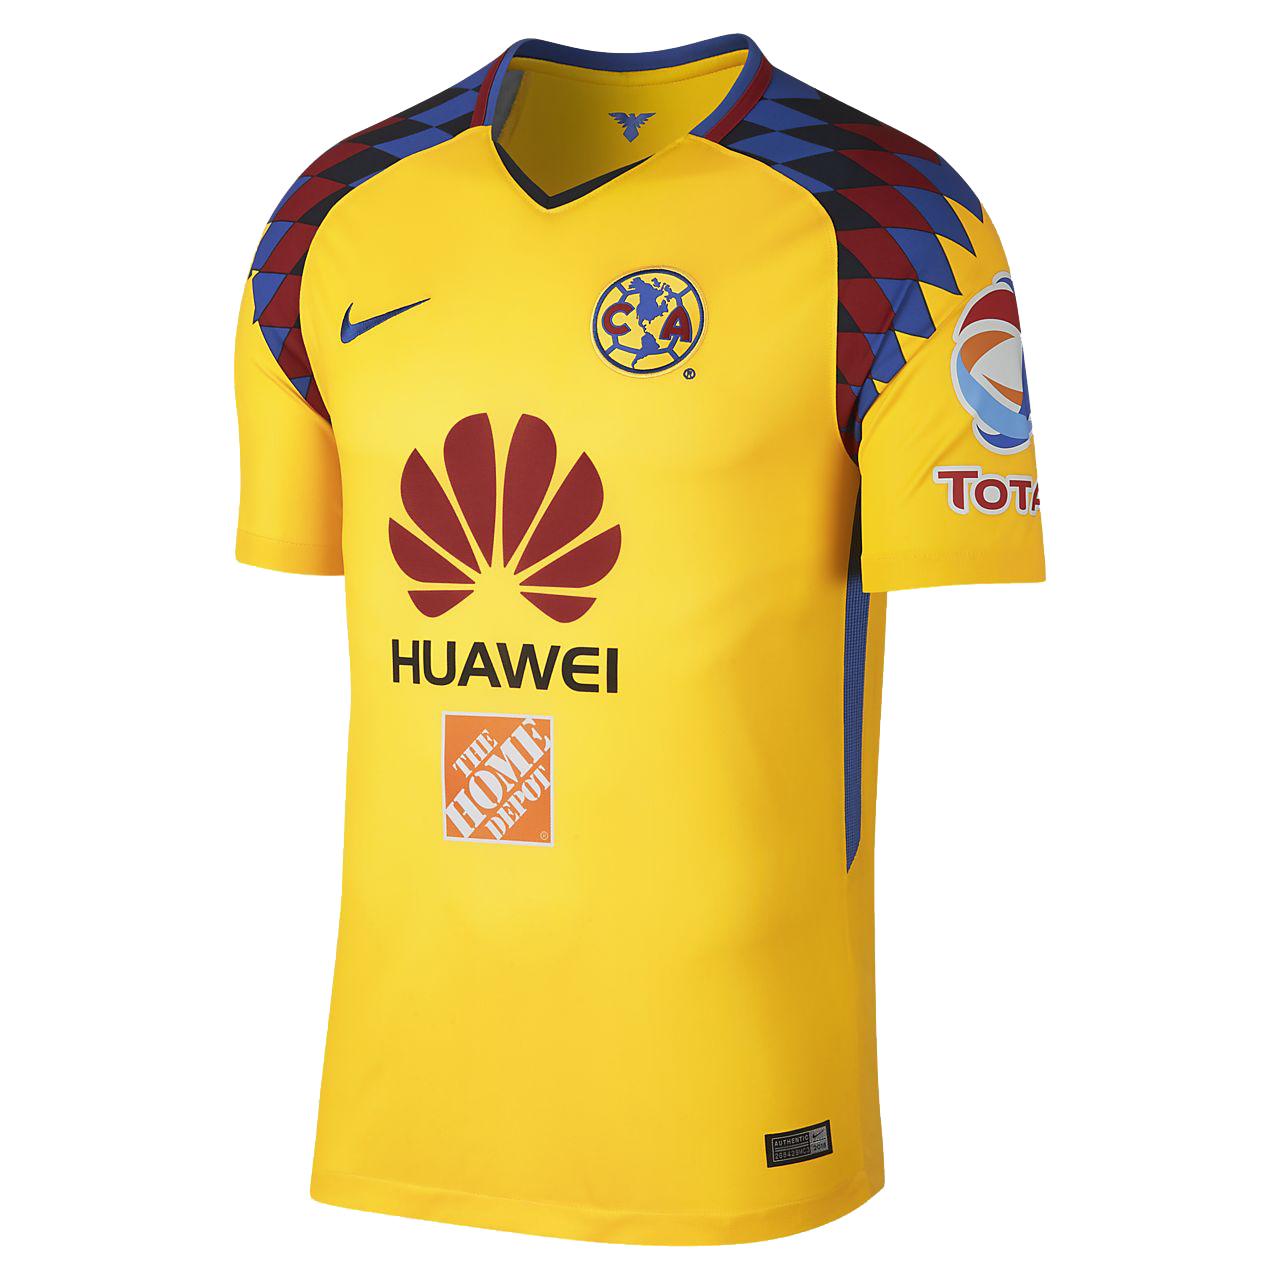 buy popular 541f9 07143 Club America Aguilas Sport Gear,Club America Aguilas Soccer ...